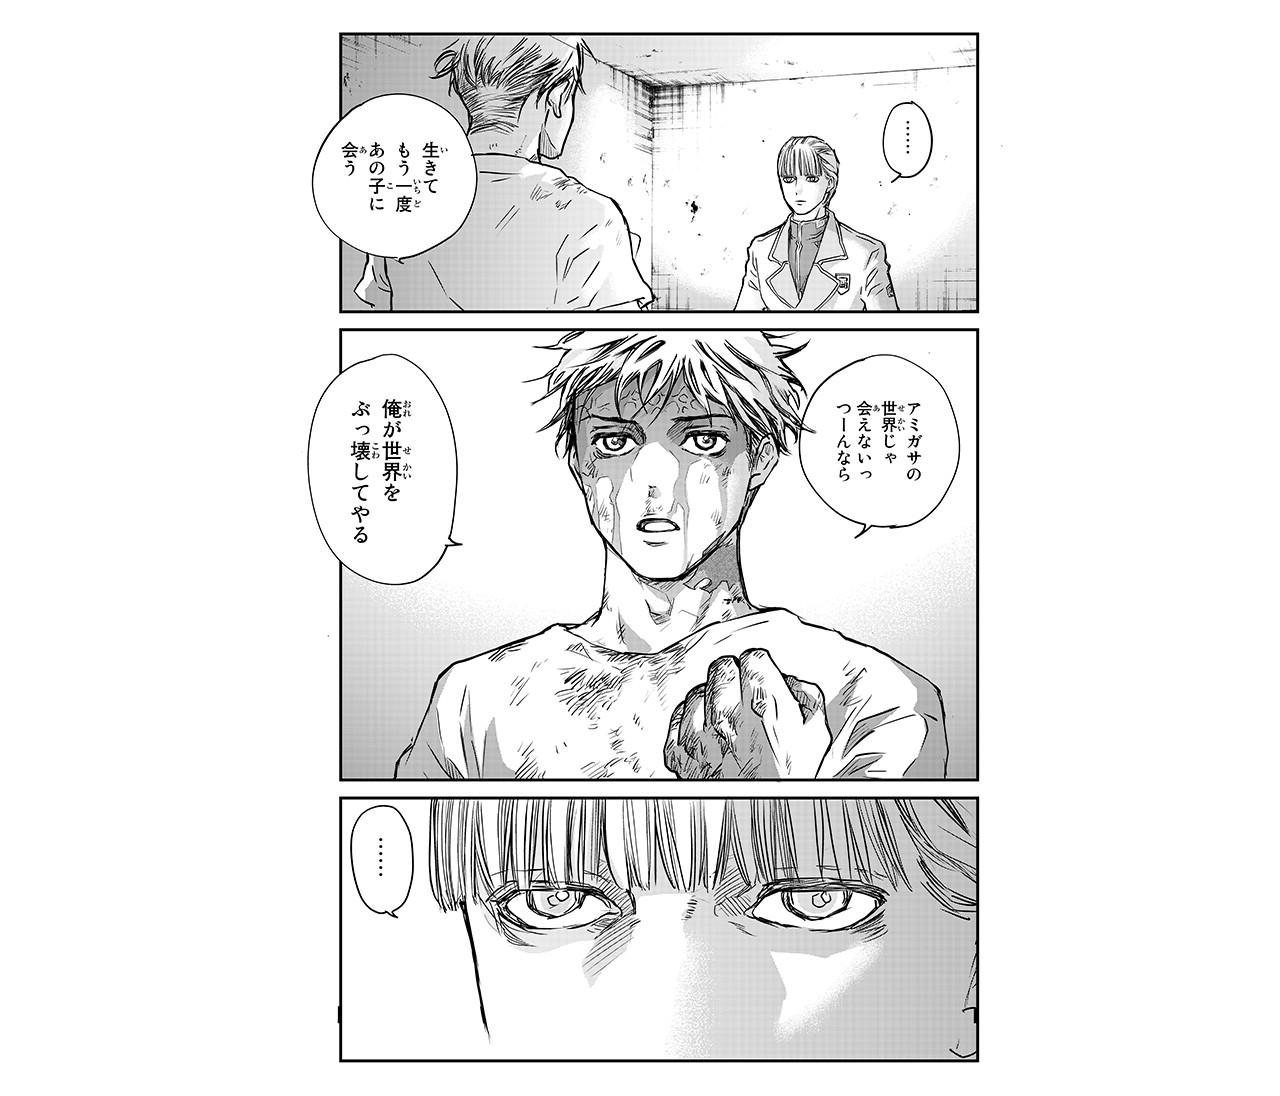 SFサスペンス漫画『菌と鉄』をレビュー【30代女子のおすすめコミック】